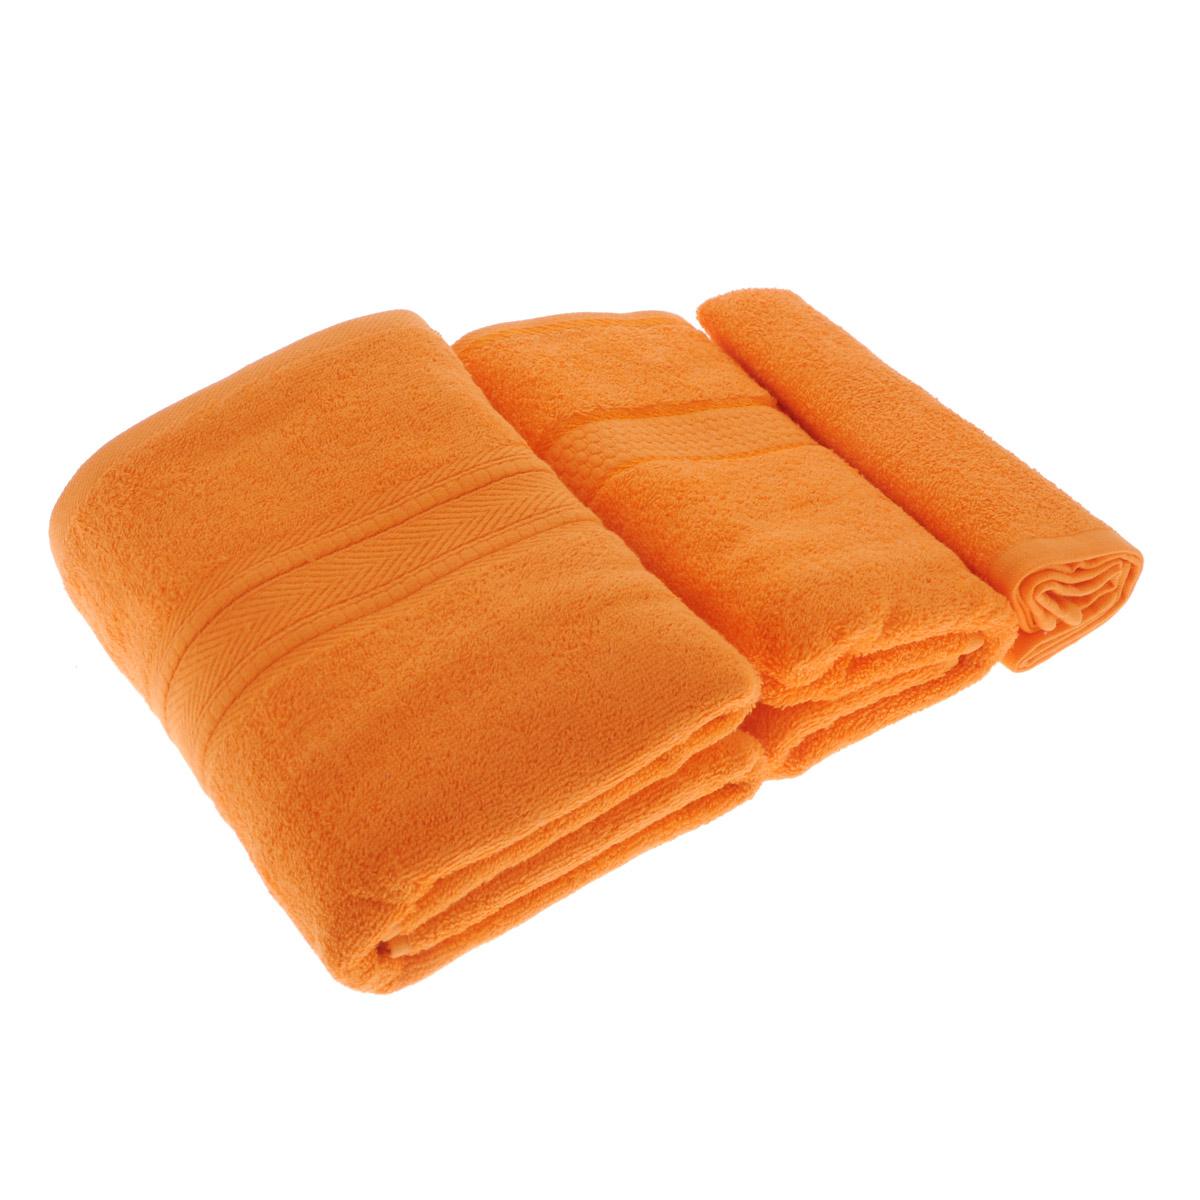 Набор махровых полотенец Osborn Textile, цвет: оранжевый, 3 штУзТ-КМП-08-27Набор Osborn Textile состоит из трех полотенец разного размера, выполненных из натурального хлопка. Такие полотенца отлично впитывают влагу, быстро сохнут, сохраняют яркость цвета и не теряют формы даже после многократных стирок. Полотенца очень практичны и неприхотливы в уходе. Размер полотенец: 40 см х 40 см; 50 см х 90 см; 70 см х 140 см. Плотность: 450 г/м2.